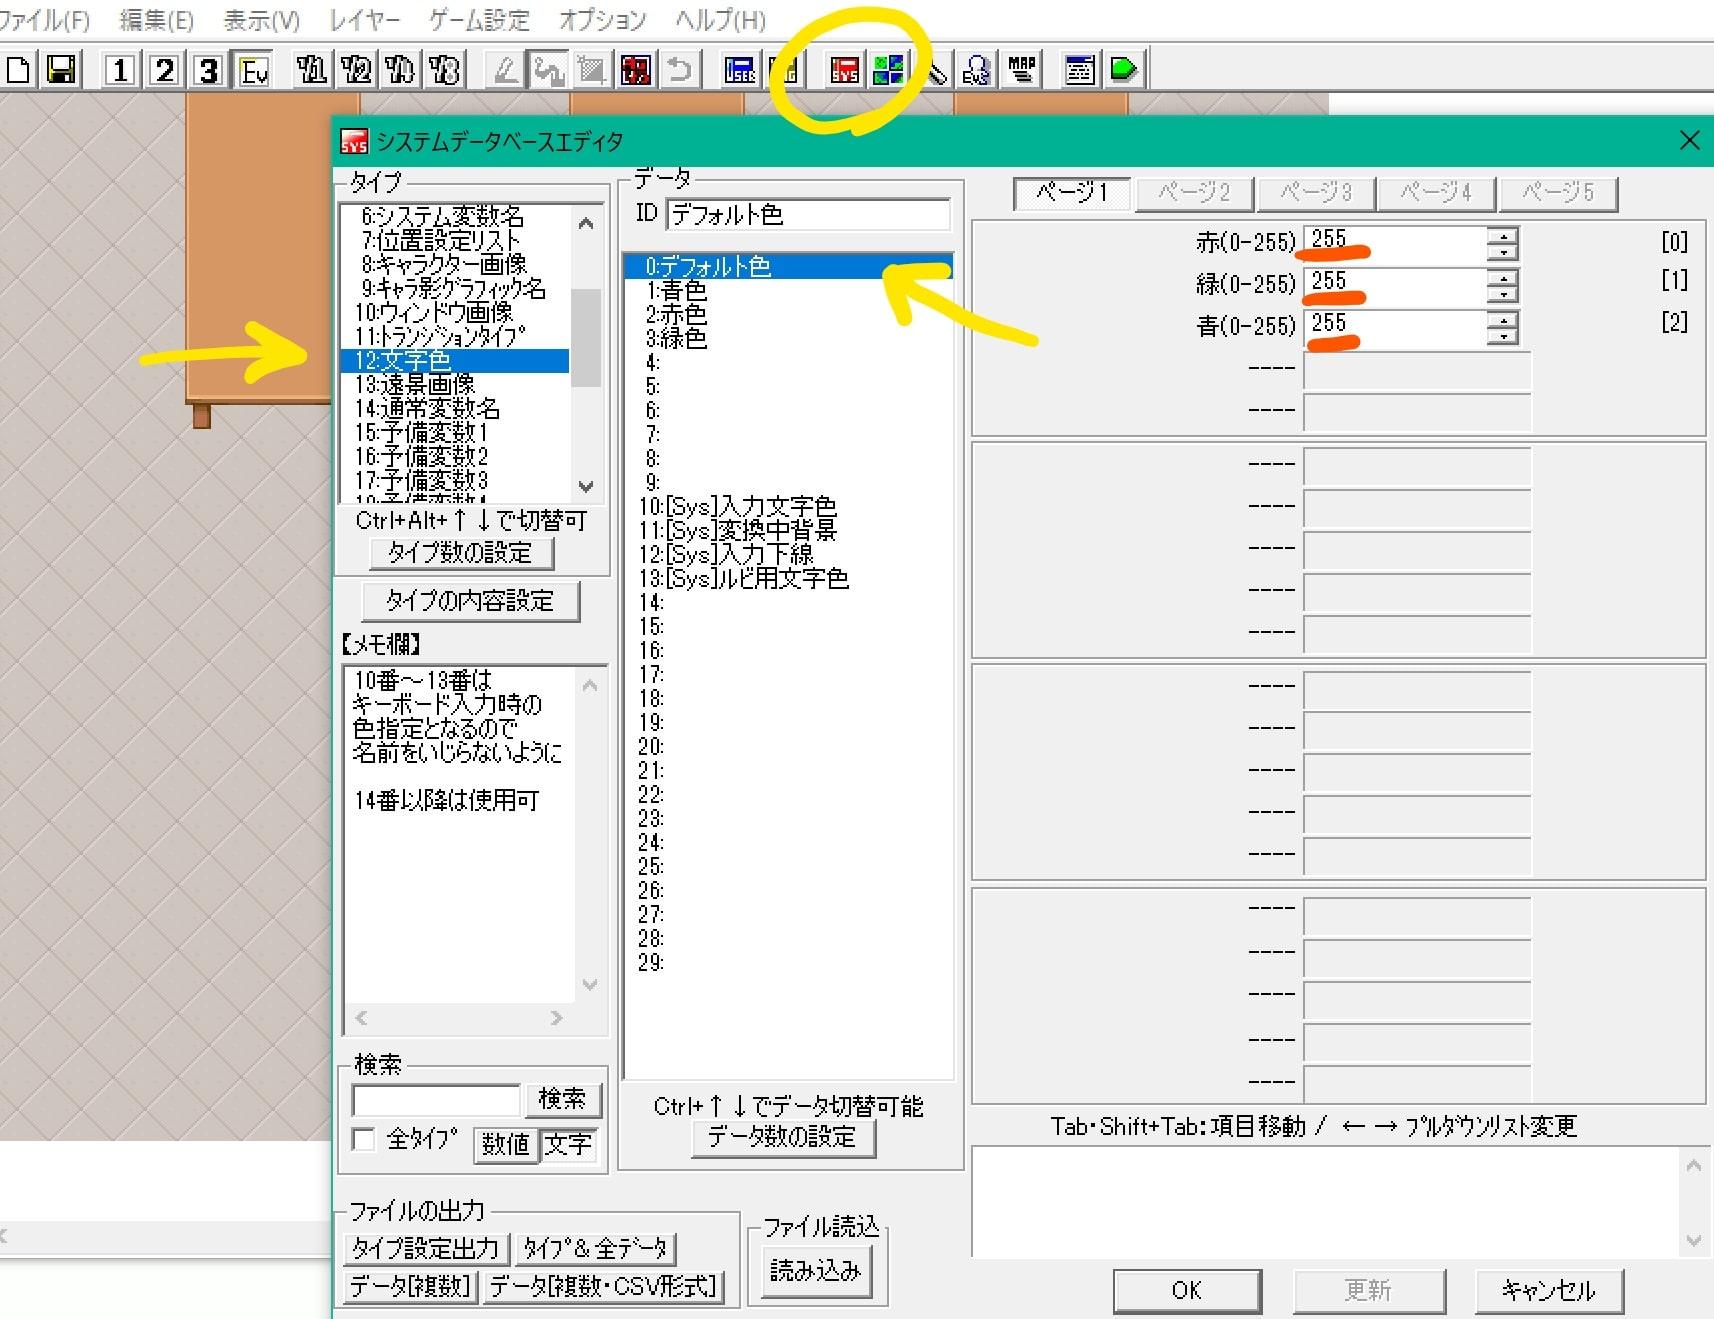 ウルフエディターのシステムデータベース設定からフォントの基本文字色を変更